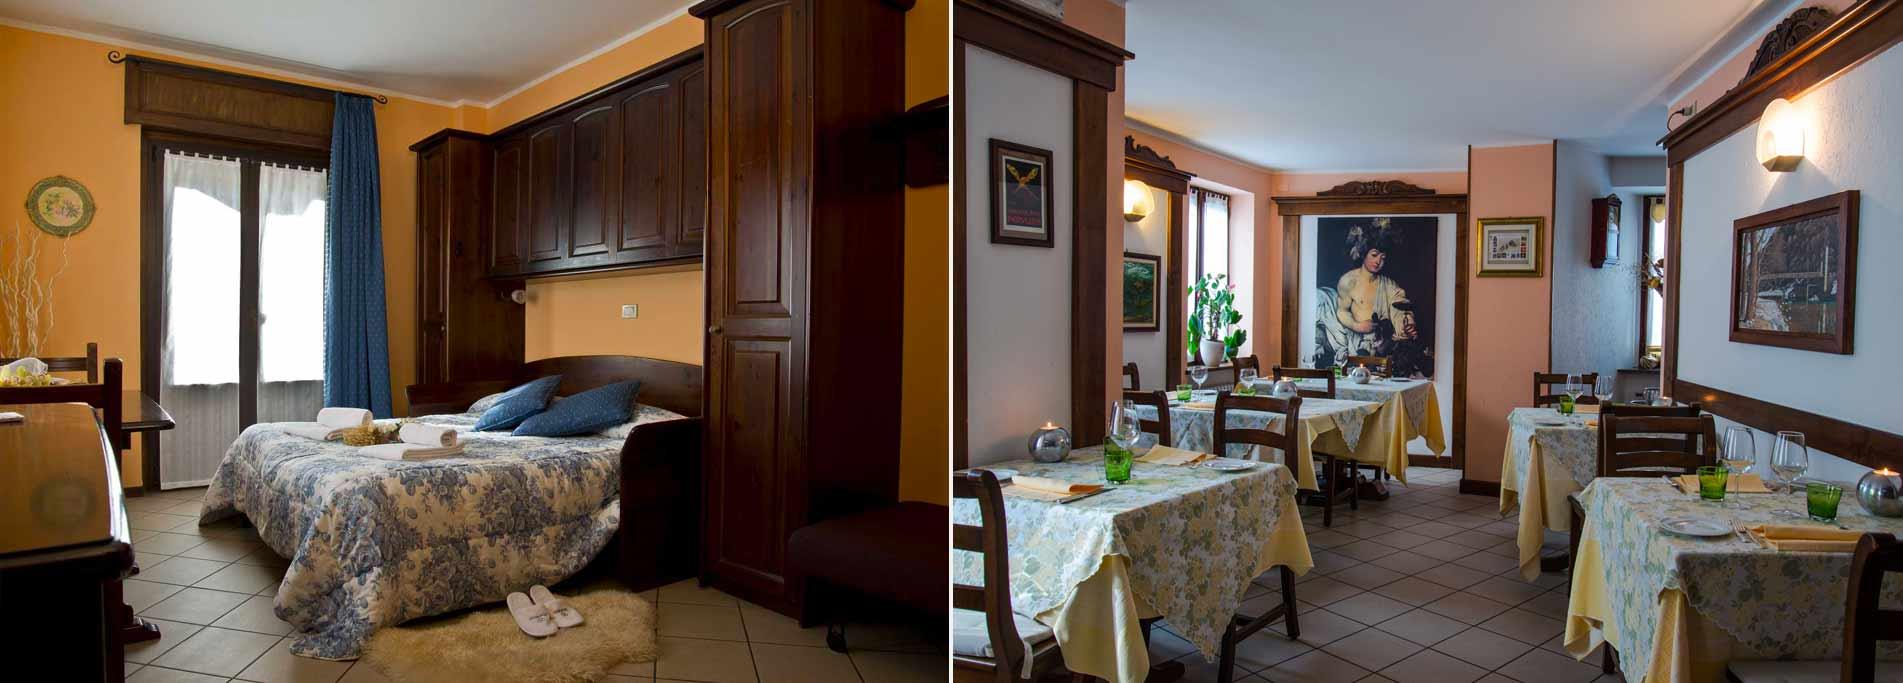 Hotel Ristorante Giardini - Piode - Valsesia